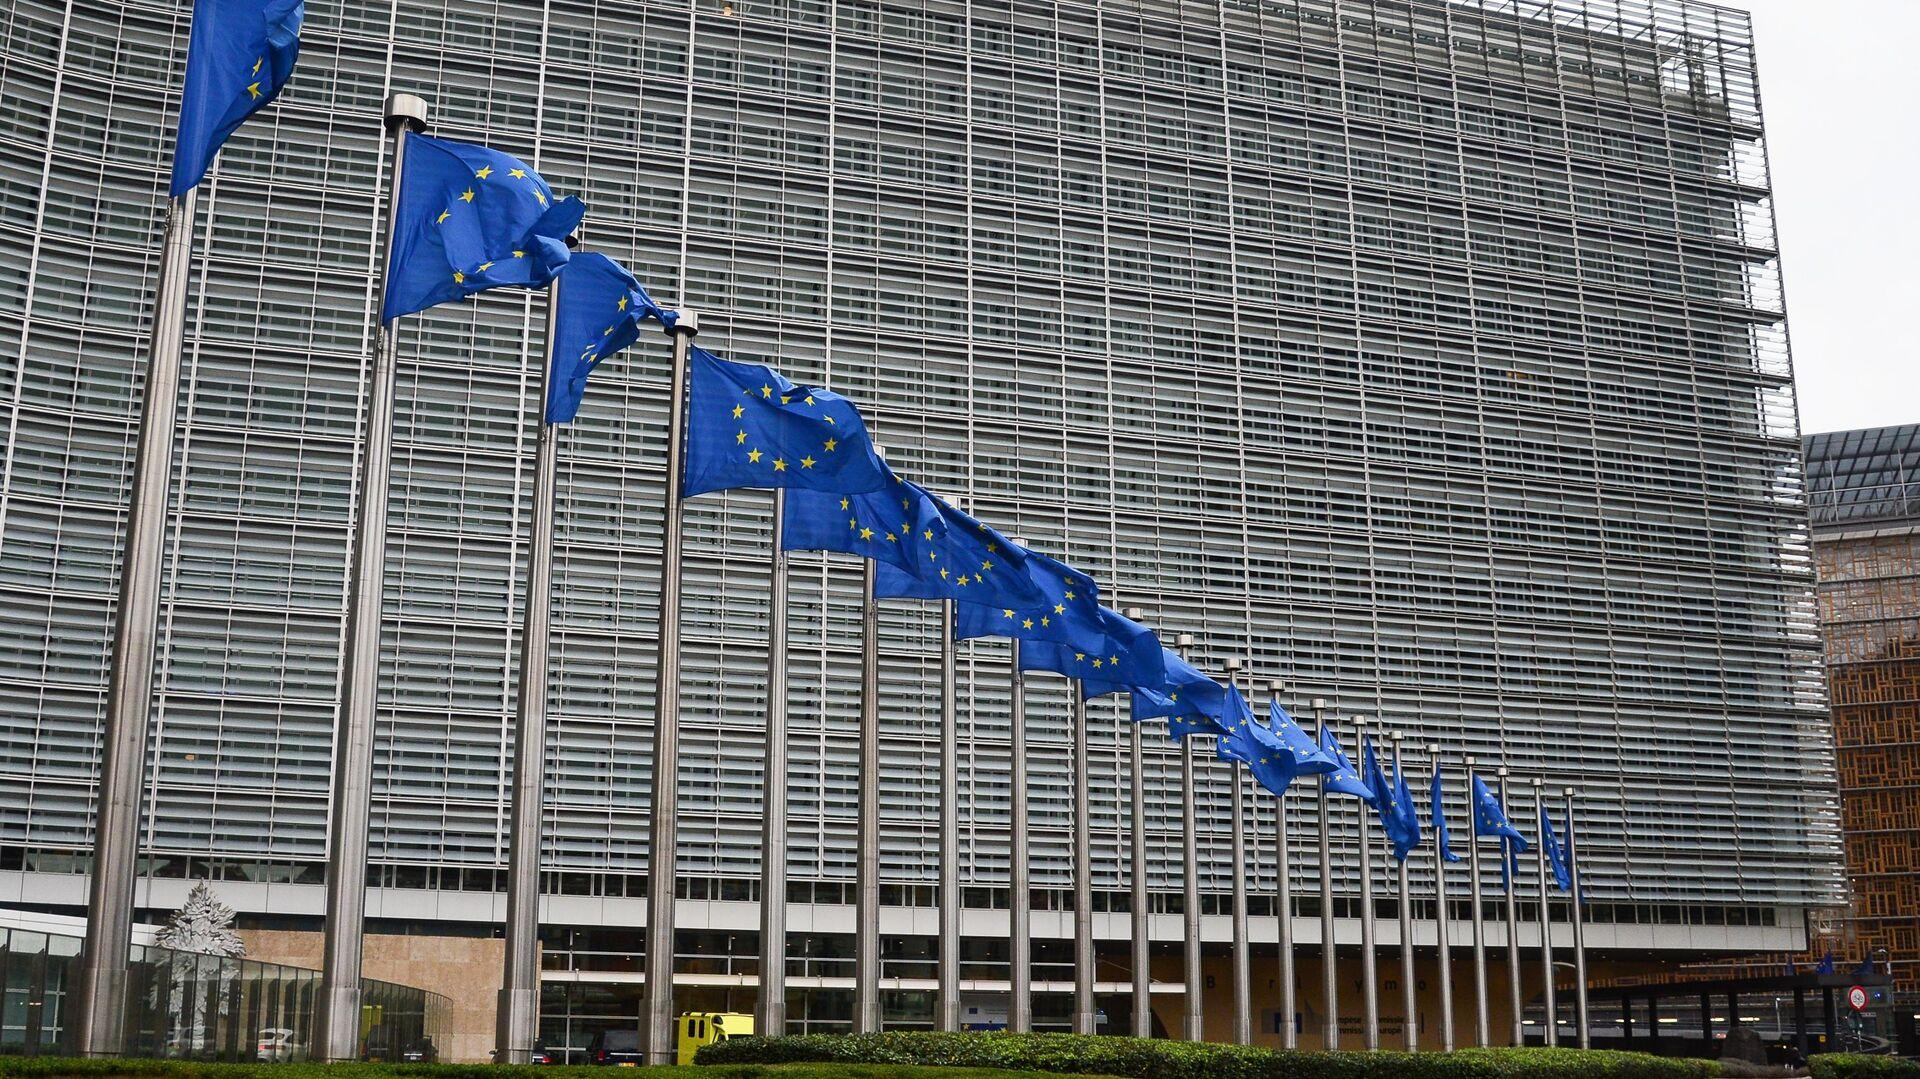 Флаги с символикой Евросоюза у здания Еврокомиссии в Брюсселе - РИА Новости, 1920, 19.03.2021